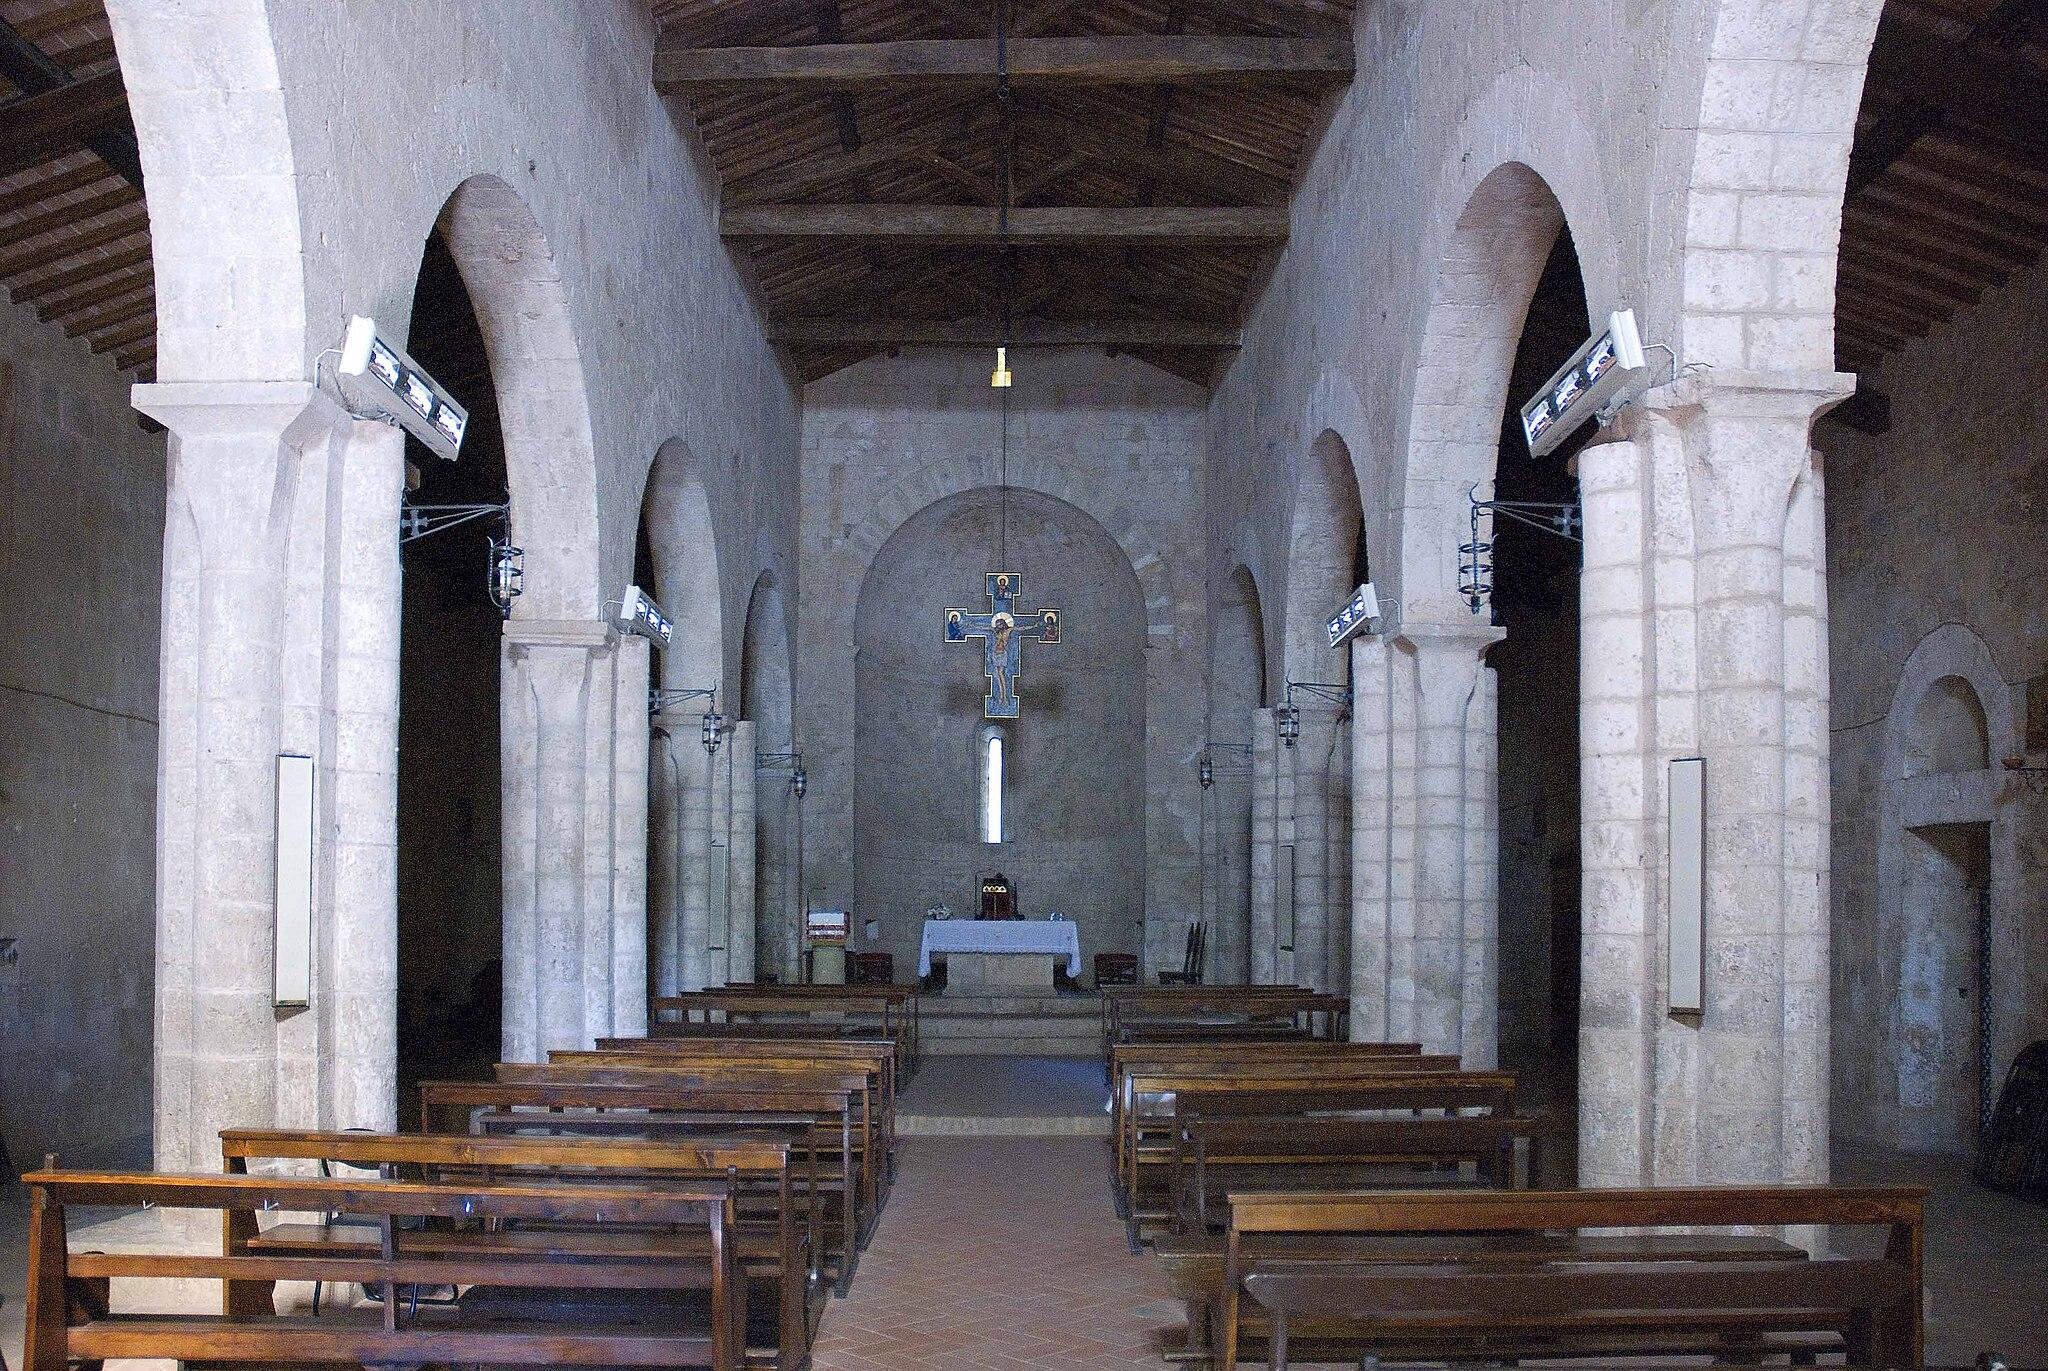 Chiesa di pivescola (interno)